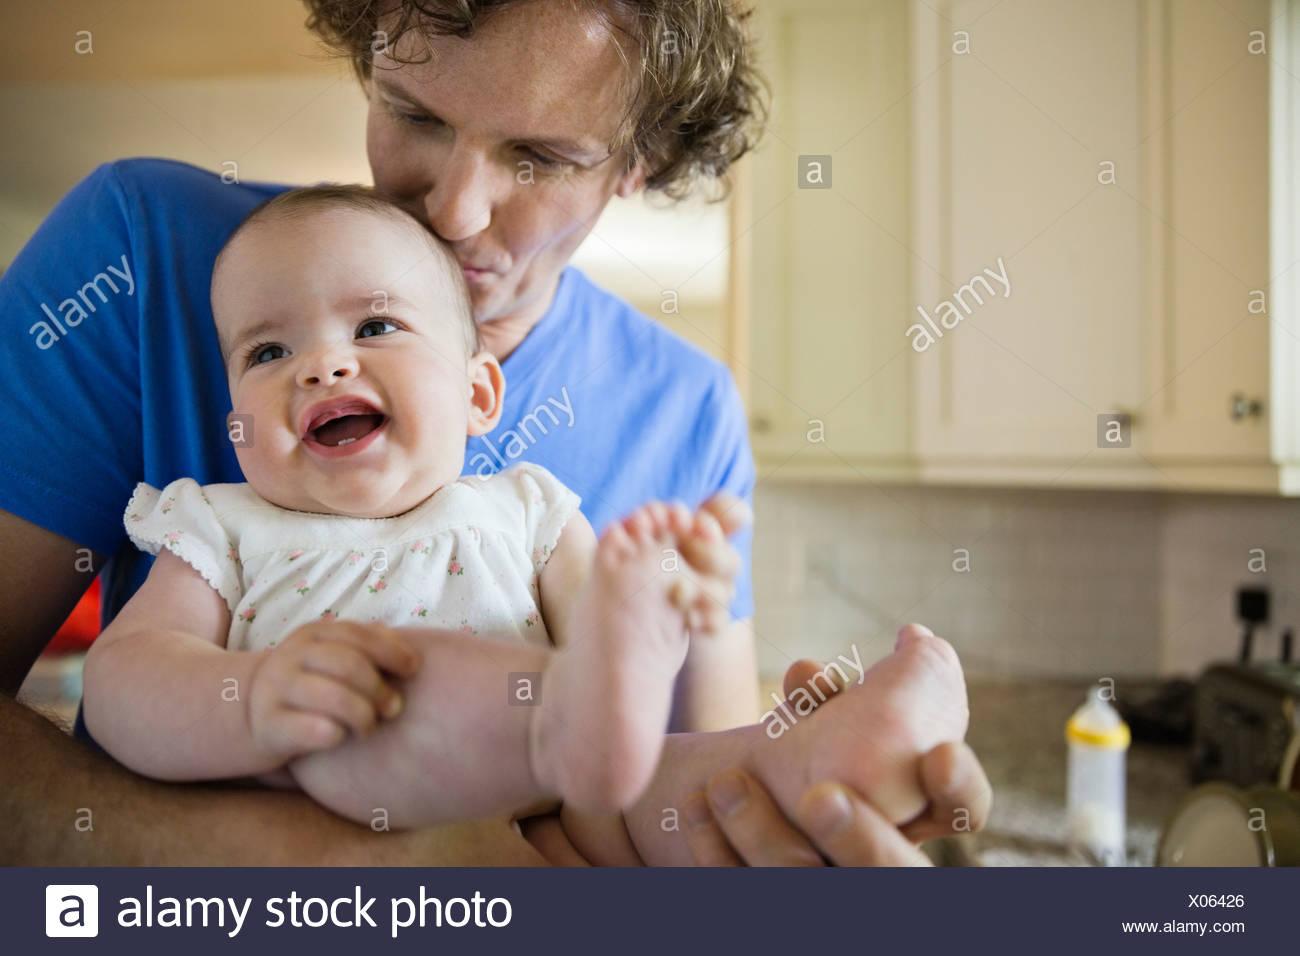 Bebé sonriente celebrada por el p. Imagen De Stock